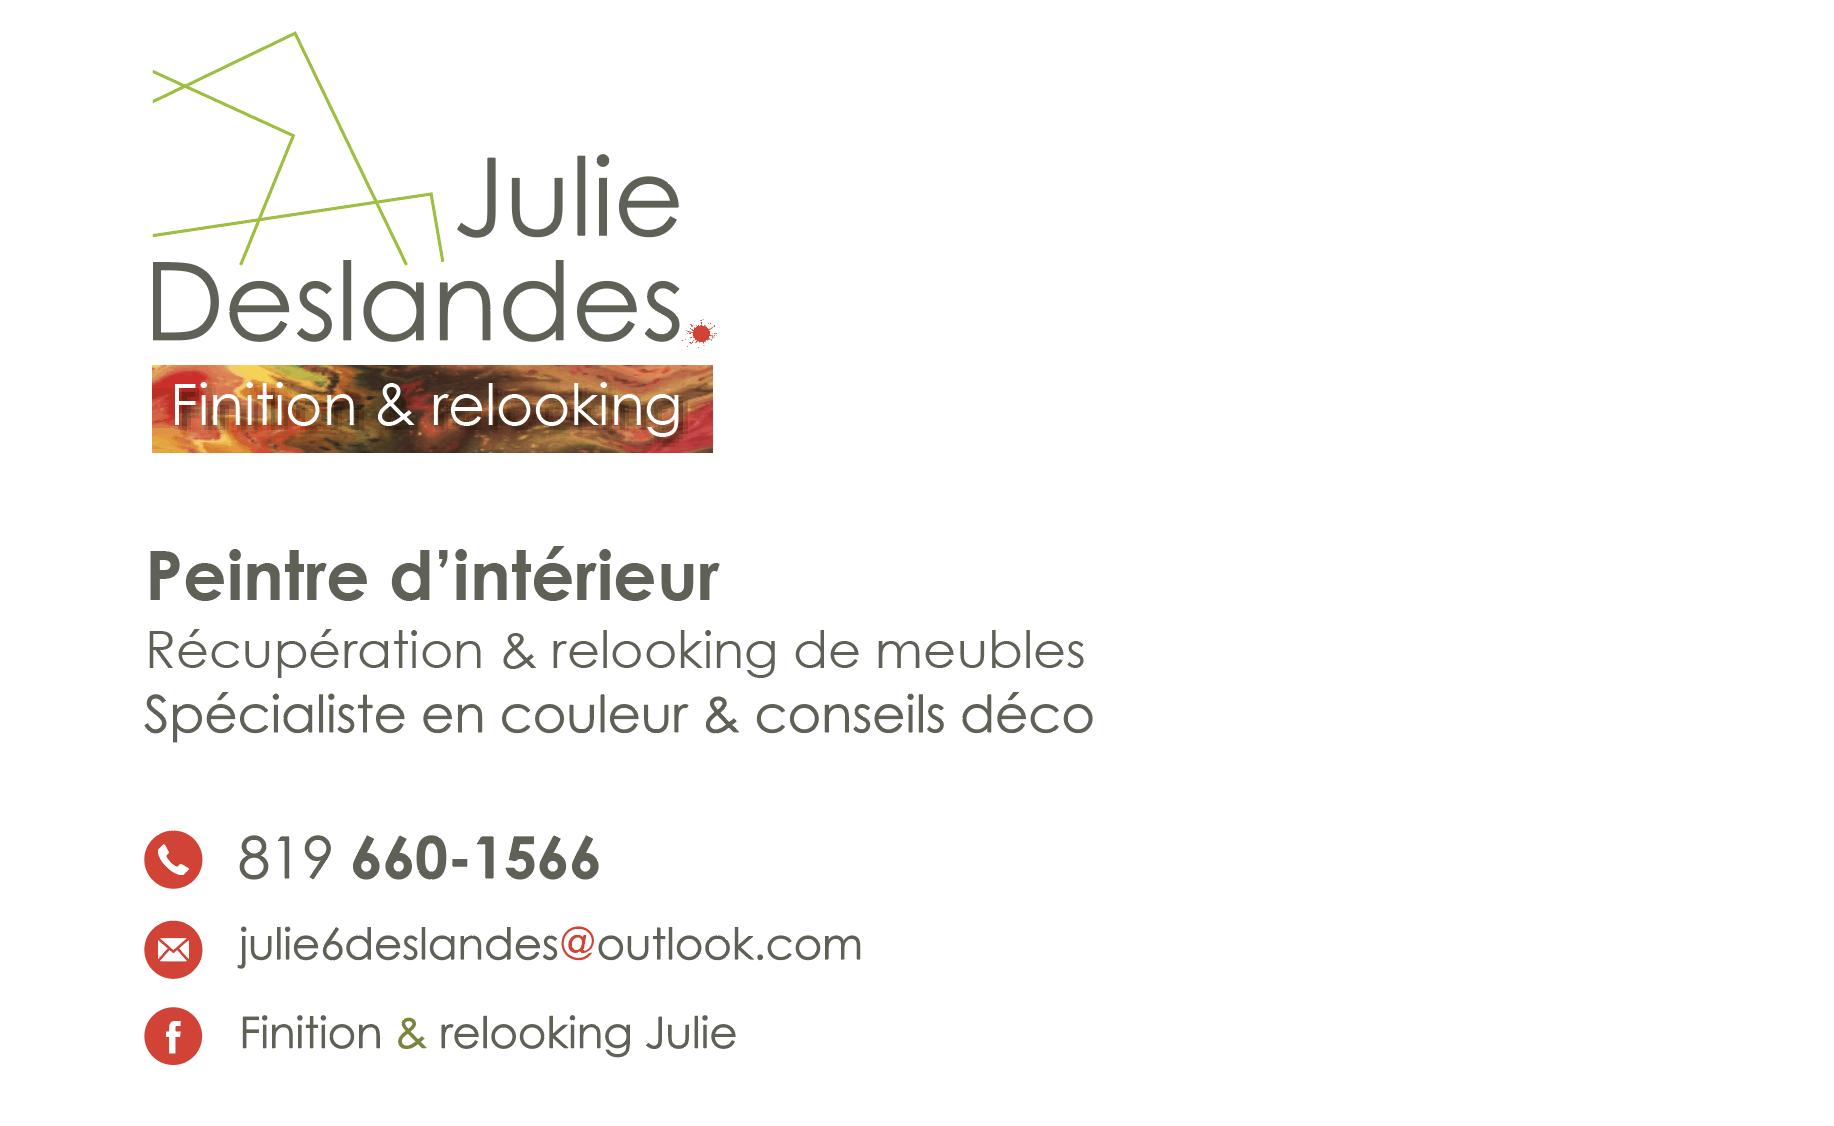 Julie Deslandes